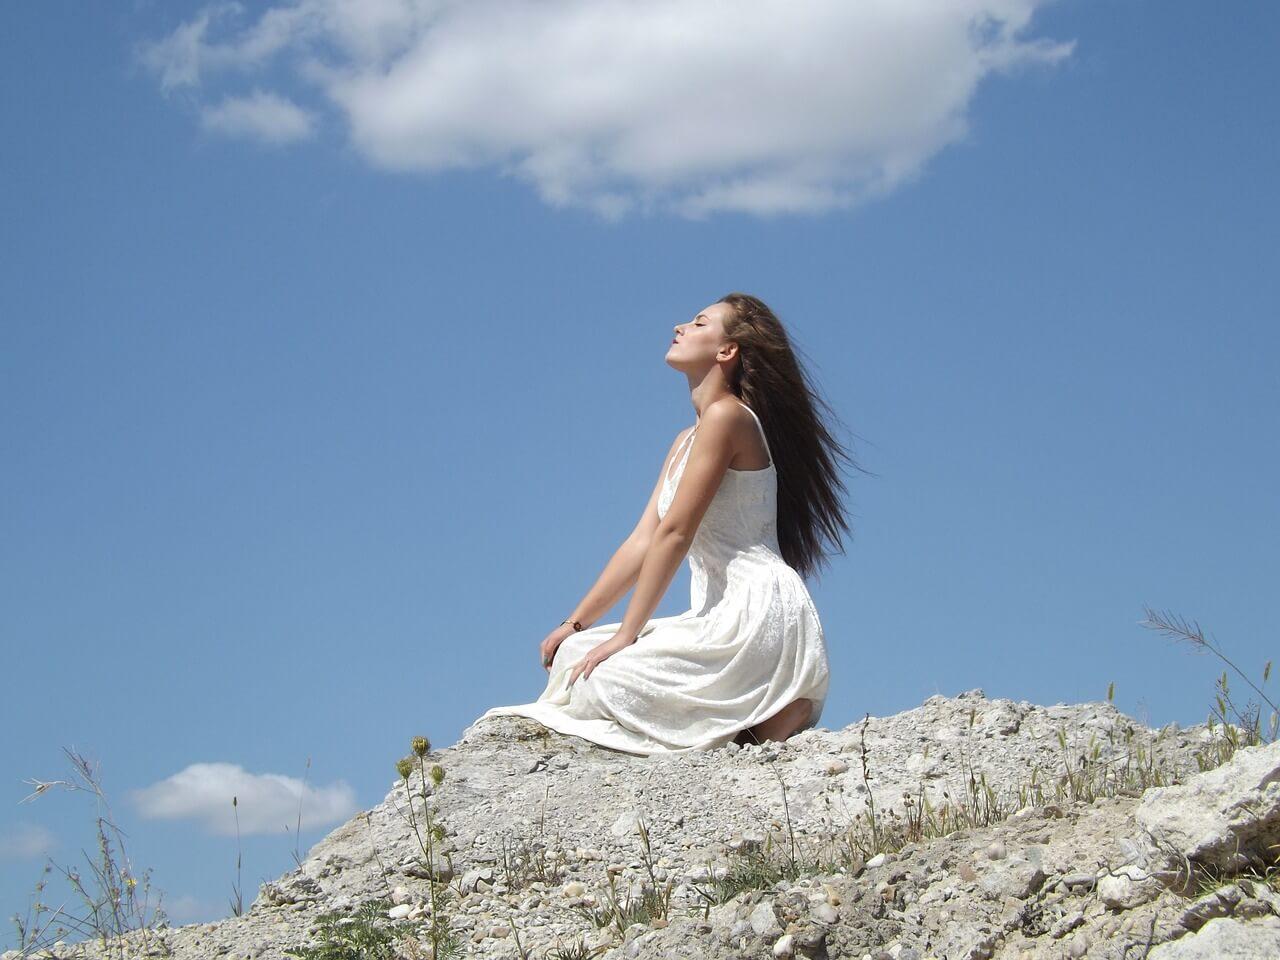 girl on hilltop